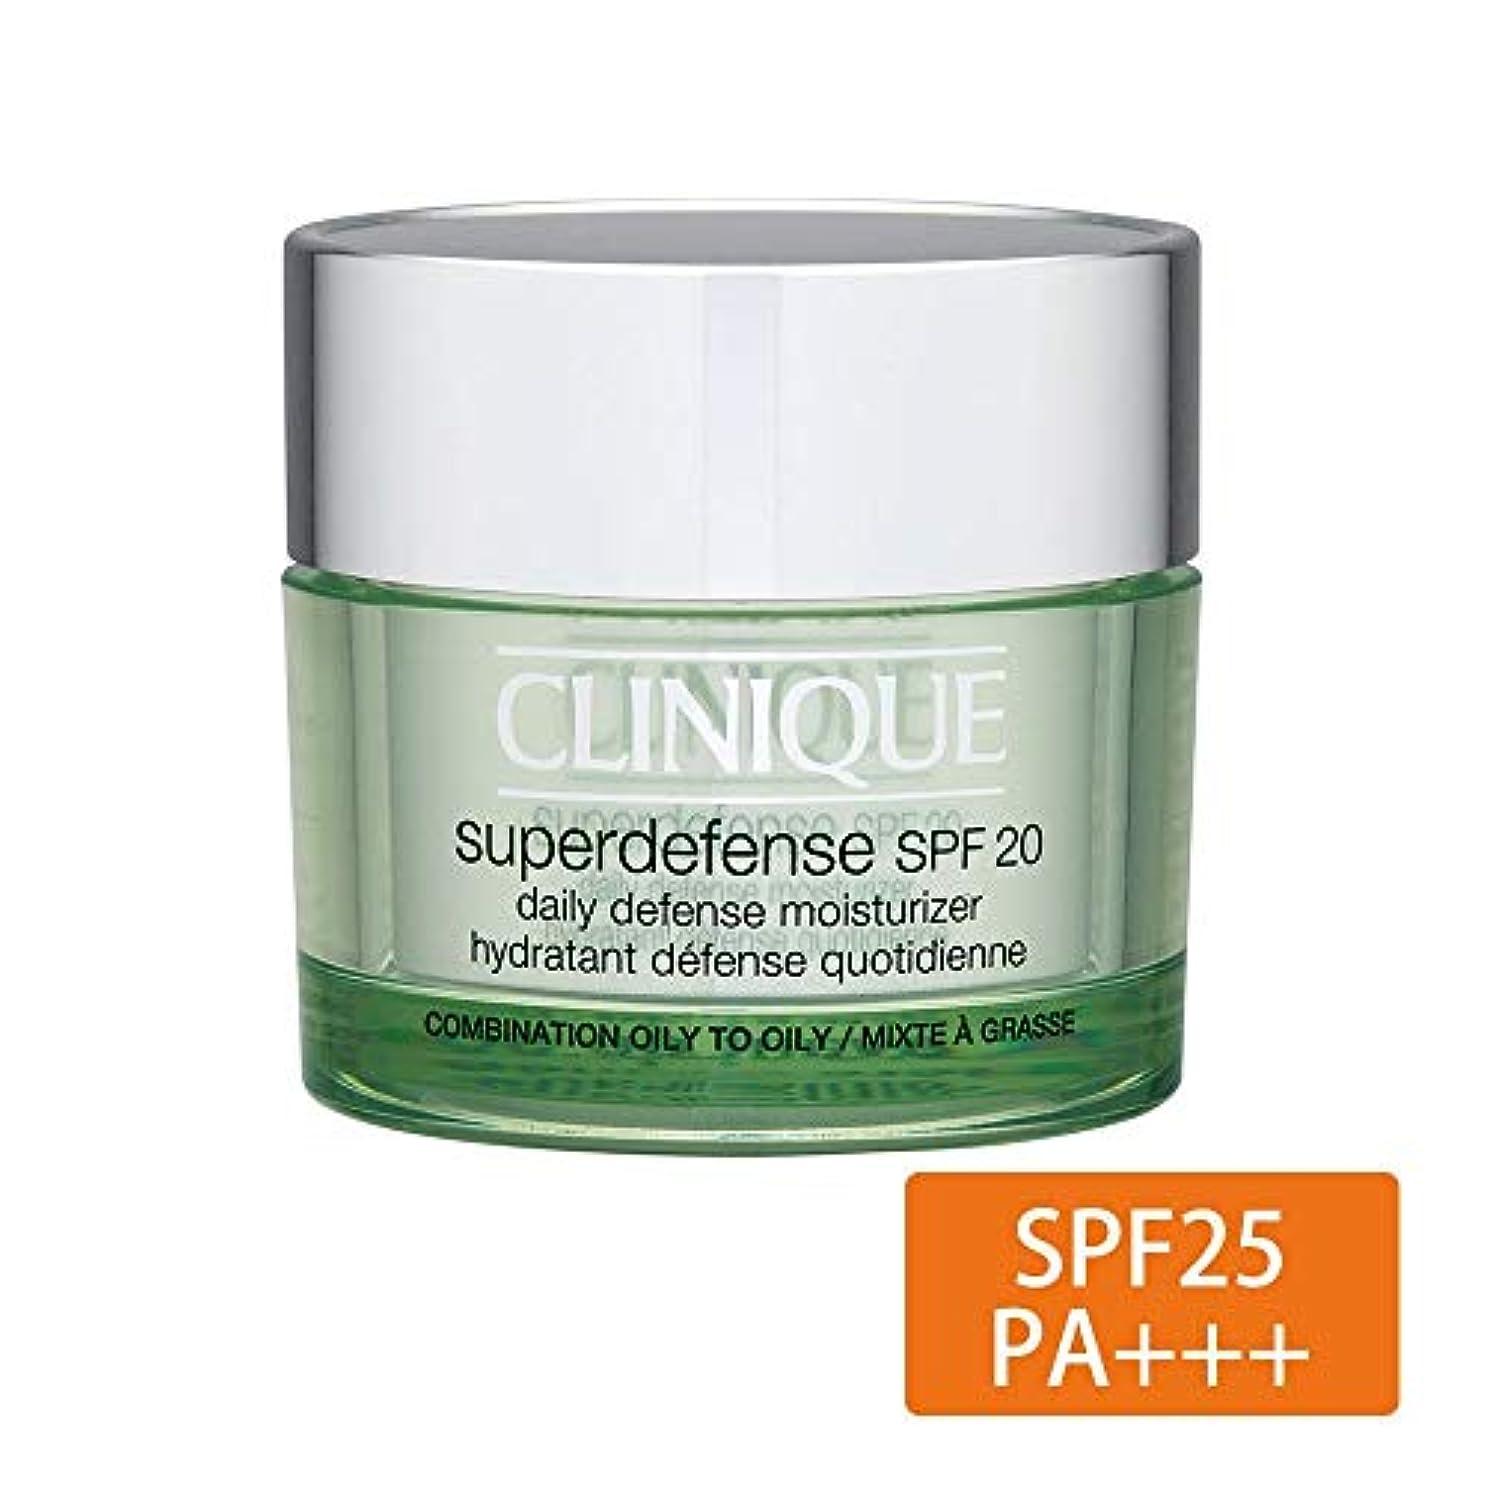 リス不毛調整クリニーク(Clinique) SP ディフェンス モイスチャライザー 25 (CO/O スキンタイプ3?4) <ビッグサイズ> 50ml [並行輸入品]